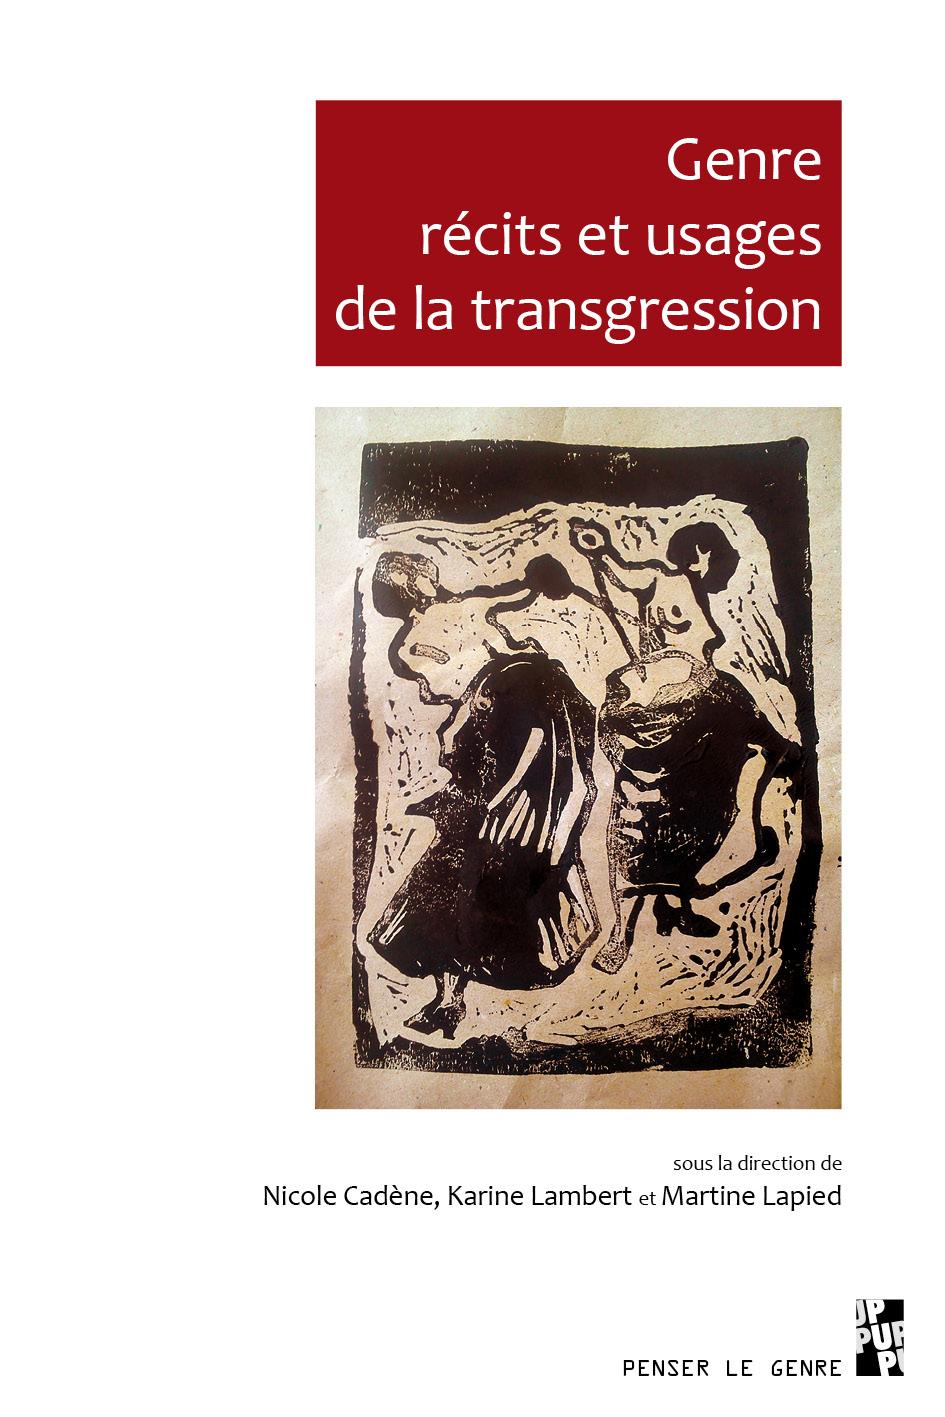 N. Cadène, K. Lambert, M. Lapied (dir.),Genre, récits et usage de la transgression